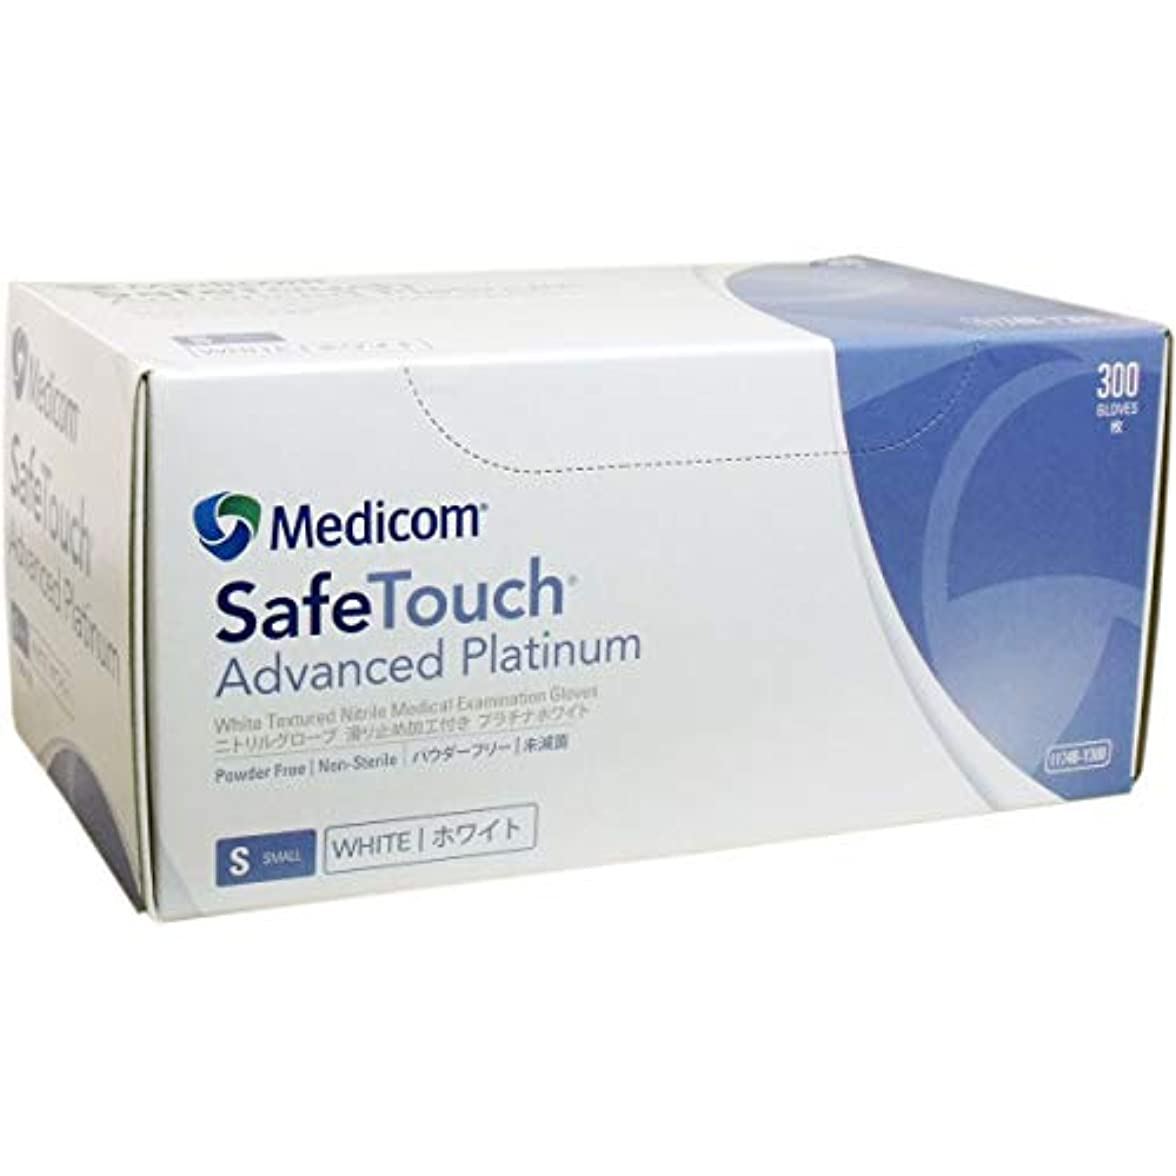 僕の感謝しているネックレットセーフタッチ ニトリル手袋 パウダーフリー ホワイト Sサイズ 300枚入(単品)